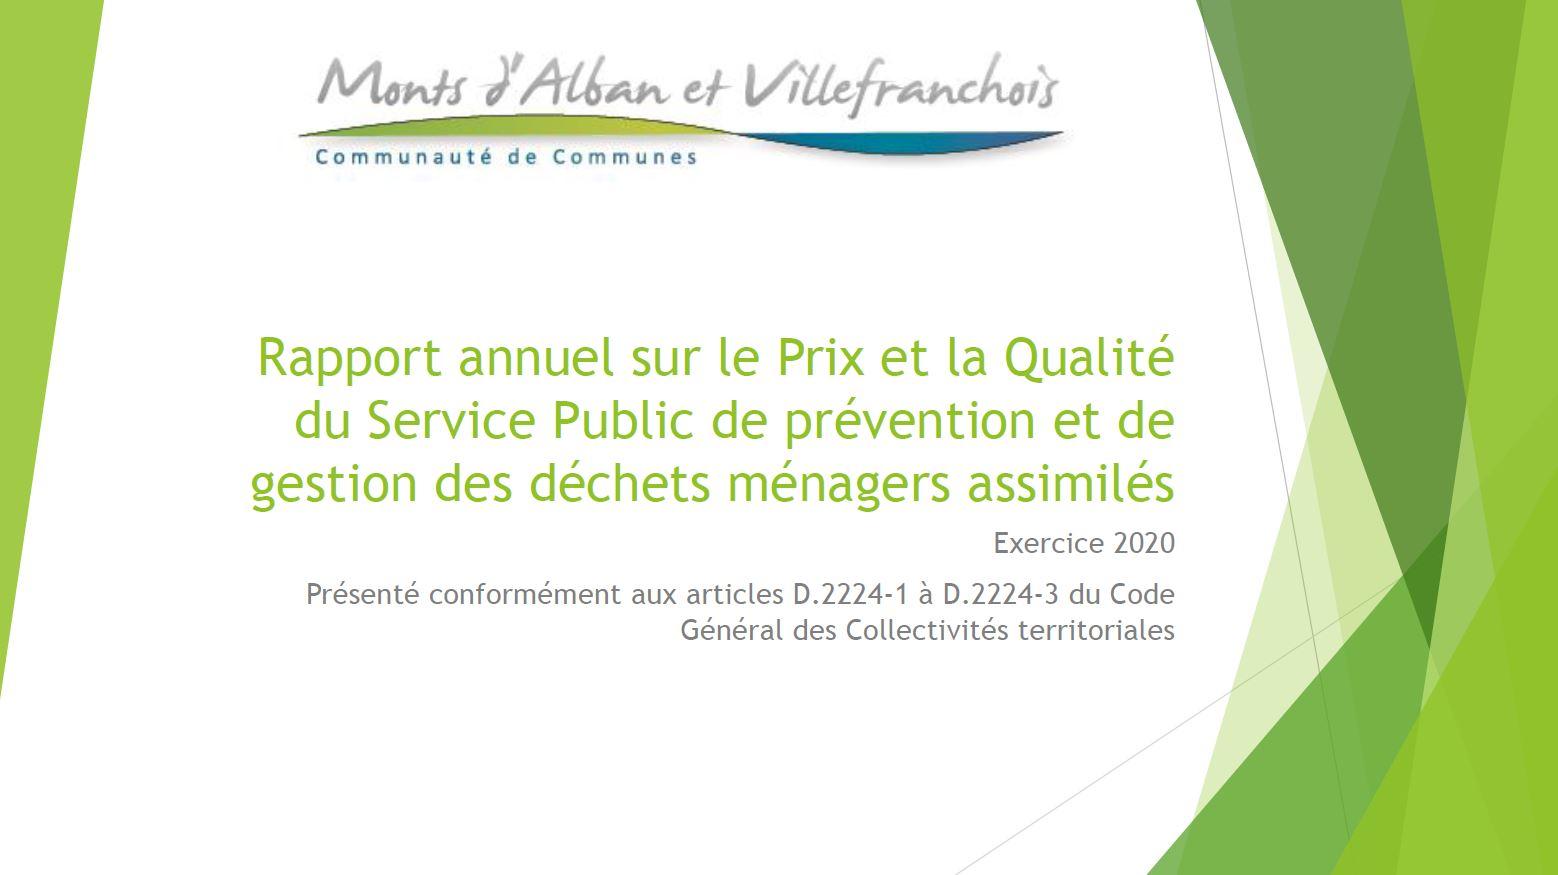 Le rapport annuel sur le prix et la qualité du service public de prévention et de gestion des déchets ménagers adopté par le Conseil communautaire